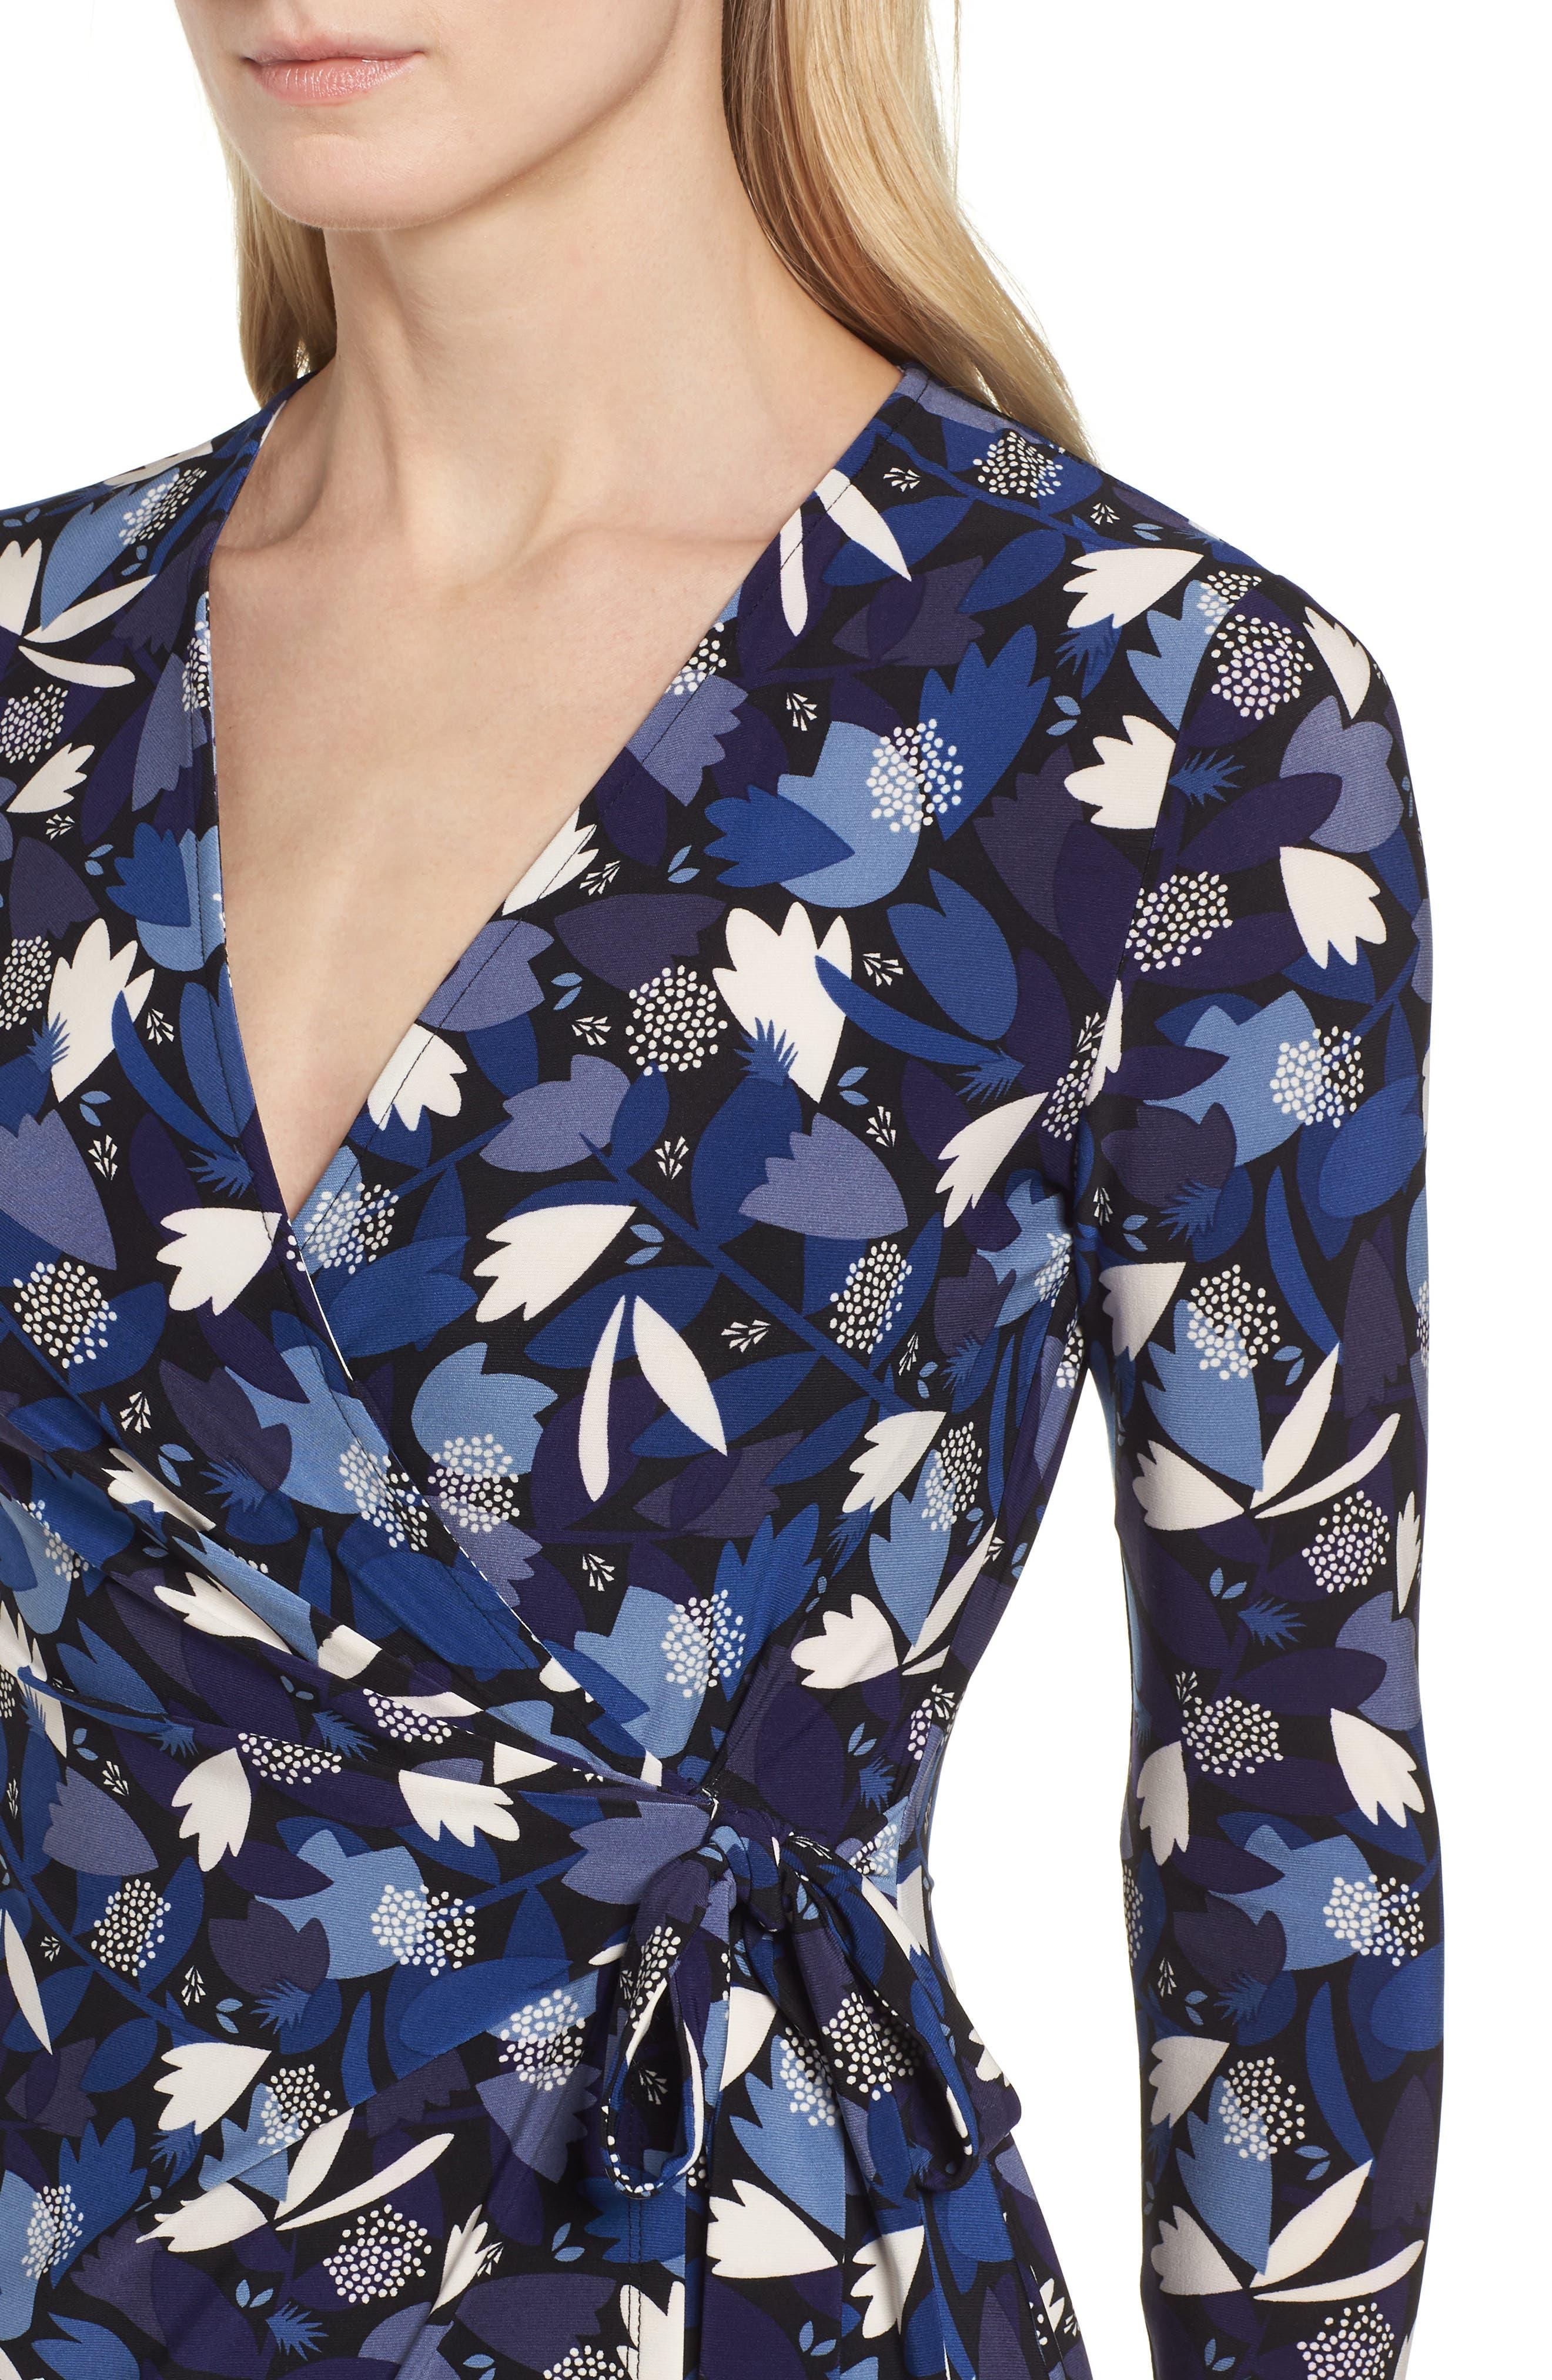 New York Amalfi Print Classic Wrap Dress,                             Alternate thumbnail 4, color,                             Black/ Monaco Combo